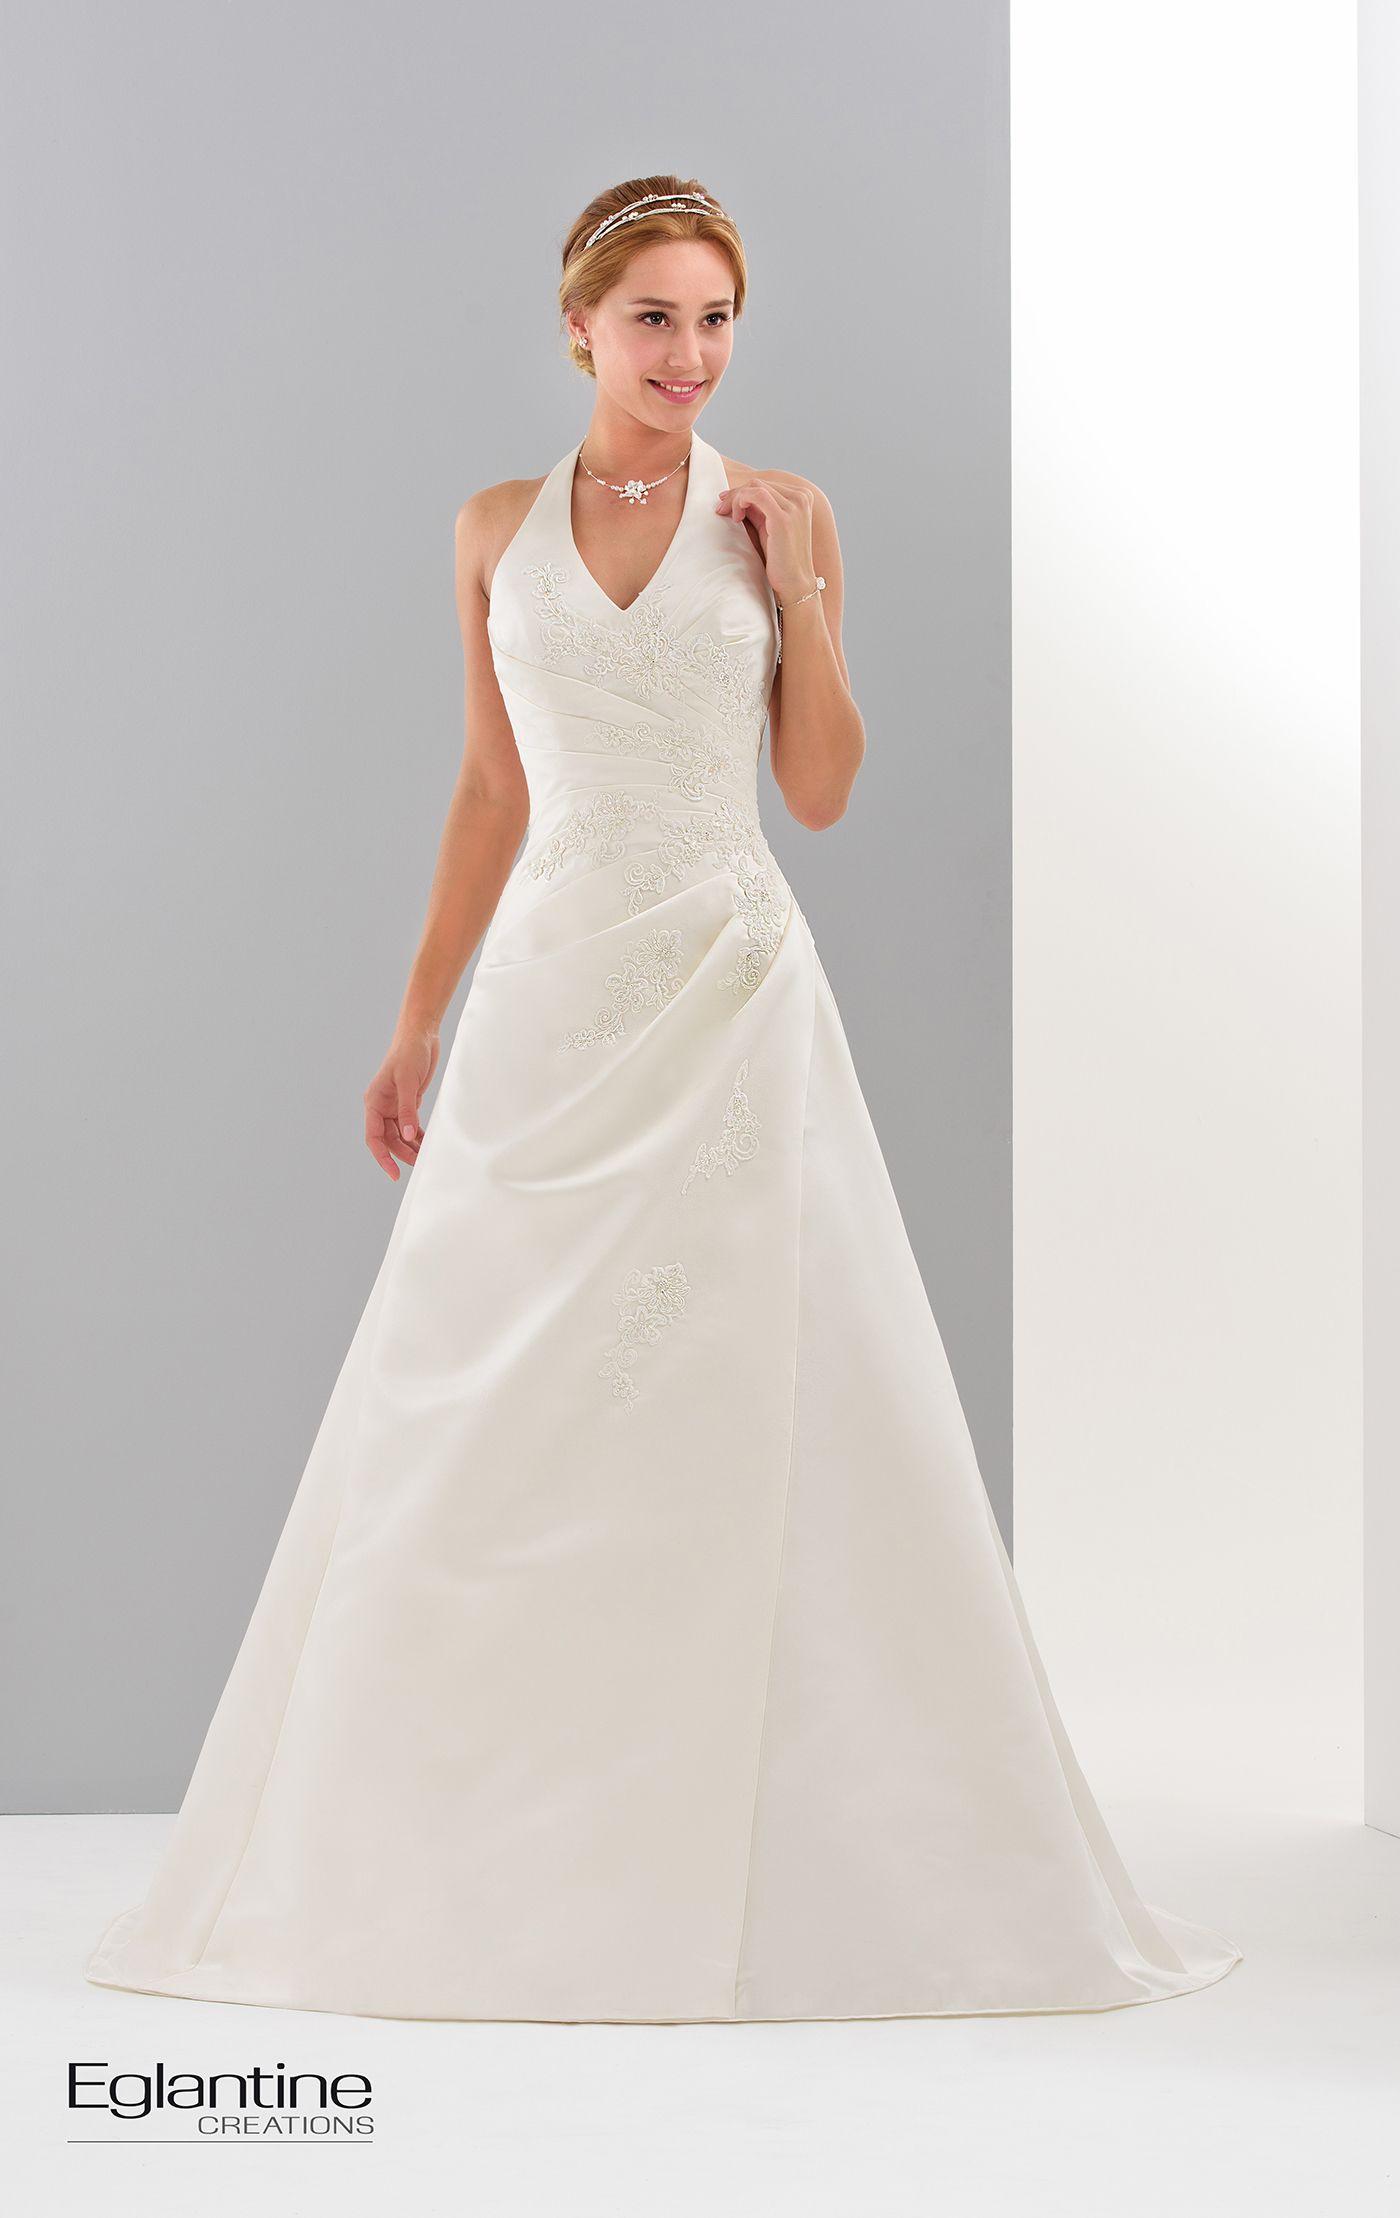 001132e3226 Robe drapée en satin avec bretelle tour de cou. Le drapé est ornée de  motifs de dentelle légèrement strassés. Existe en blanc et en ivoire.  Laçage dos.